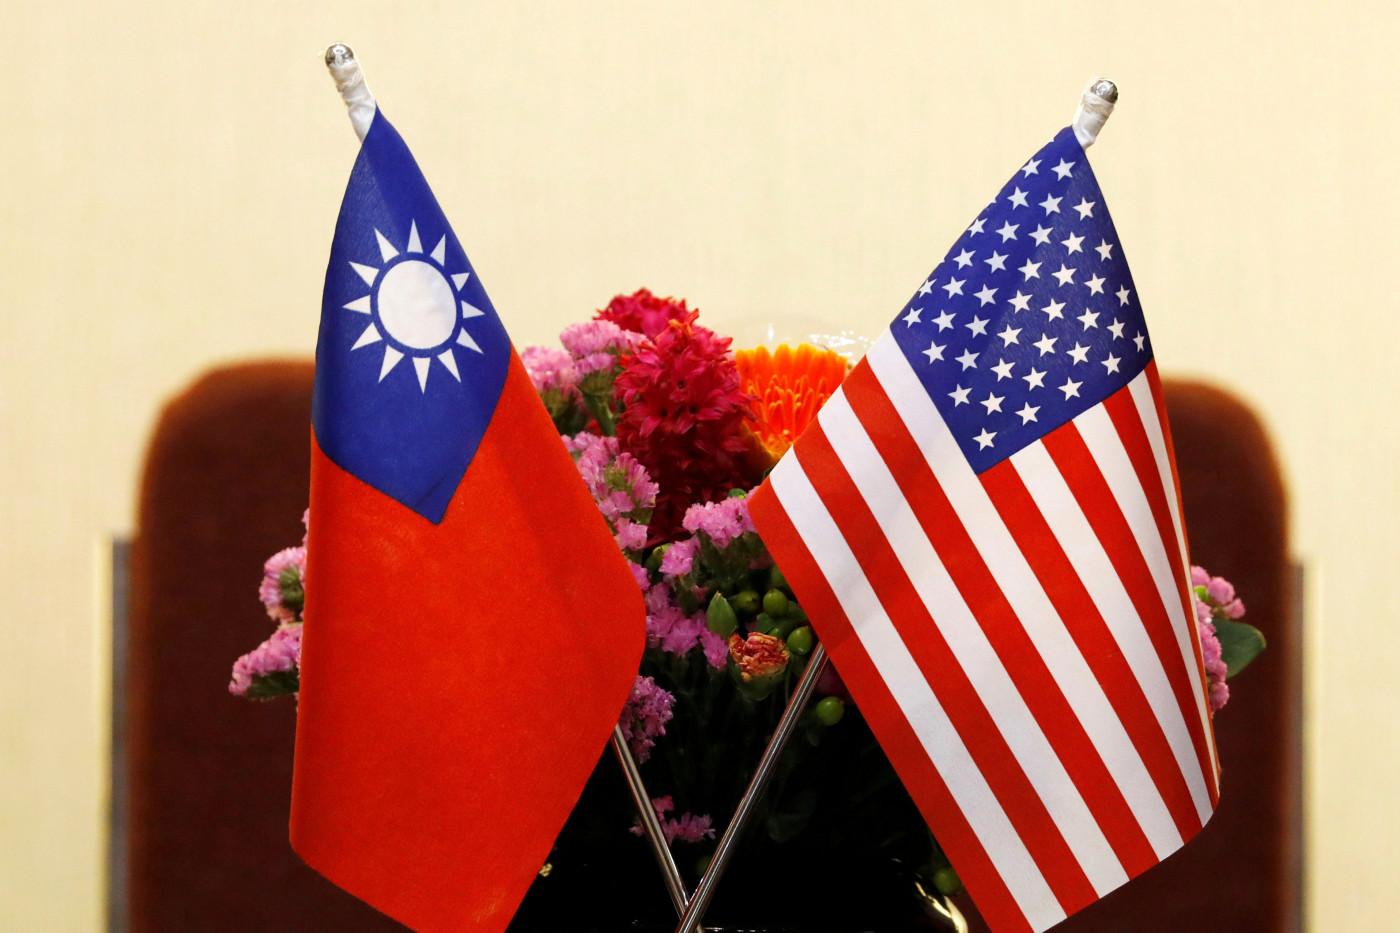 Bandeiras dos Estados Unidos e de Taiwan postas lado a lado